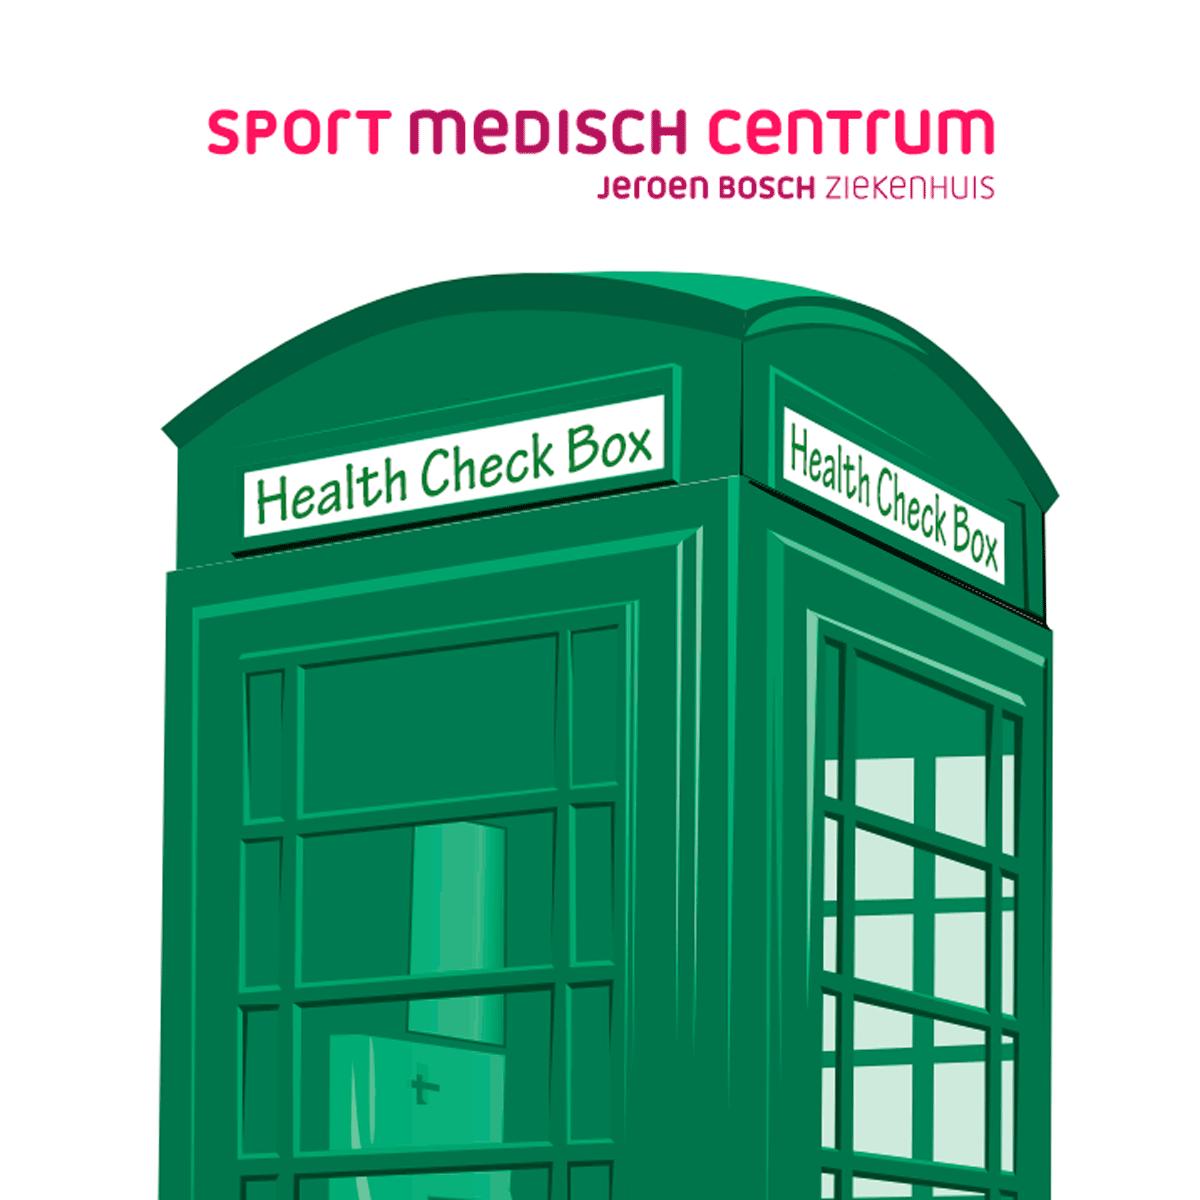 Health Check Box